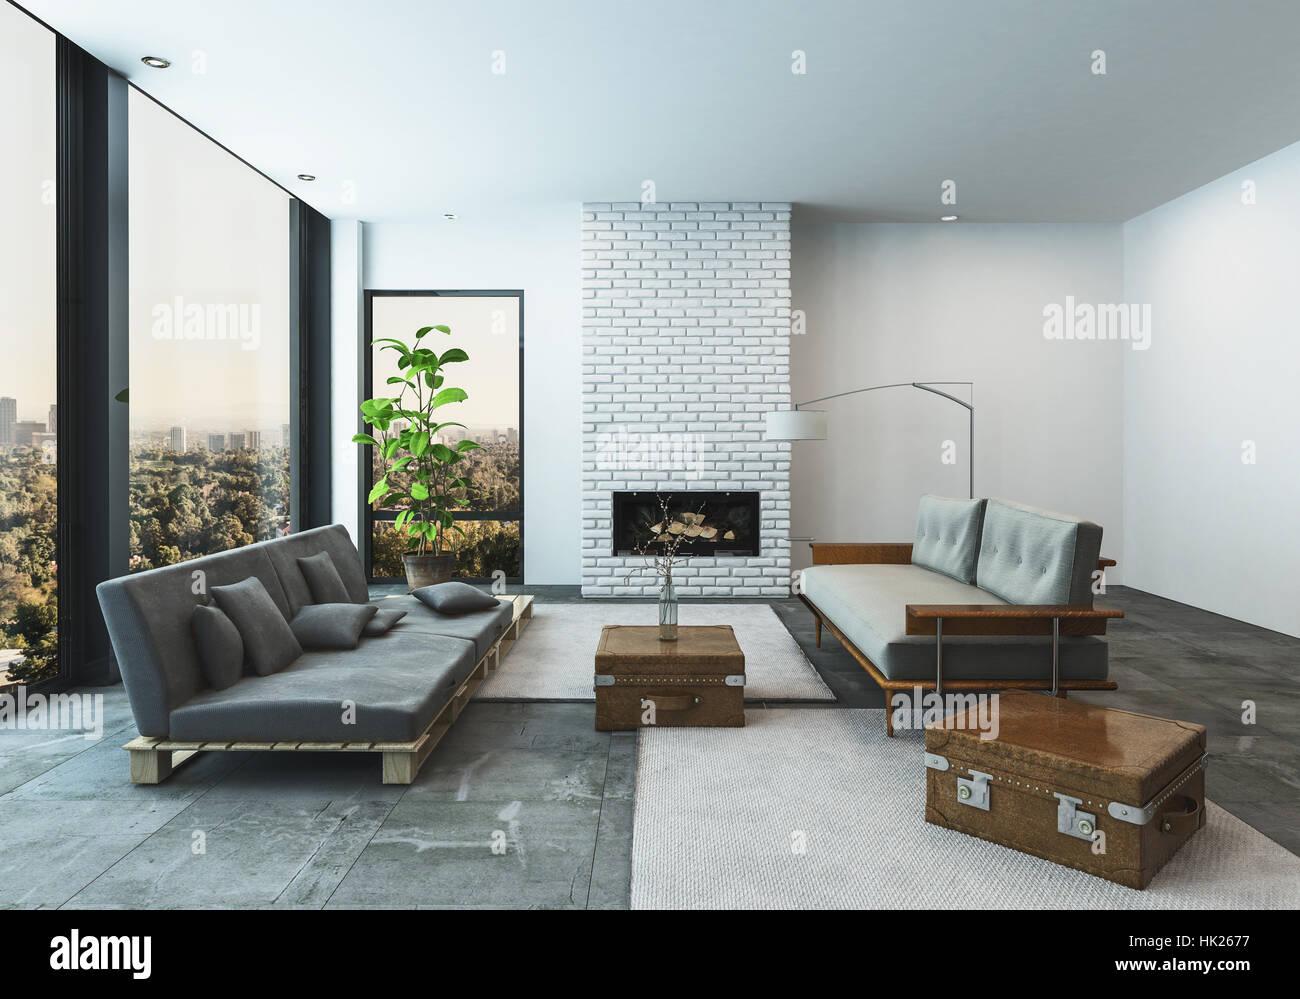 Elegante soggiorno moderno in un condominio o appartamento ...